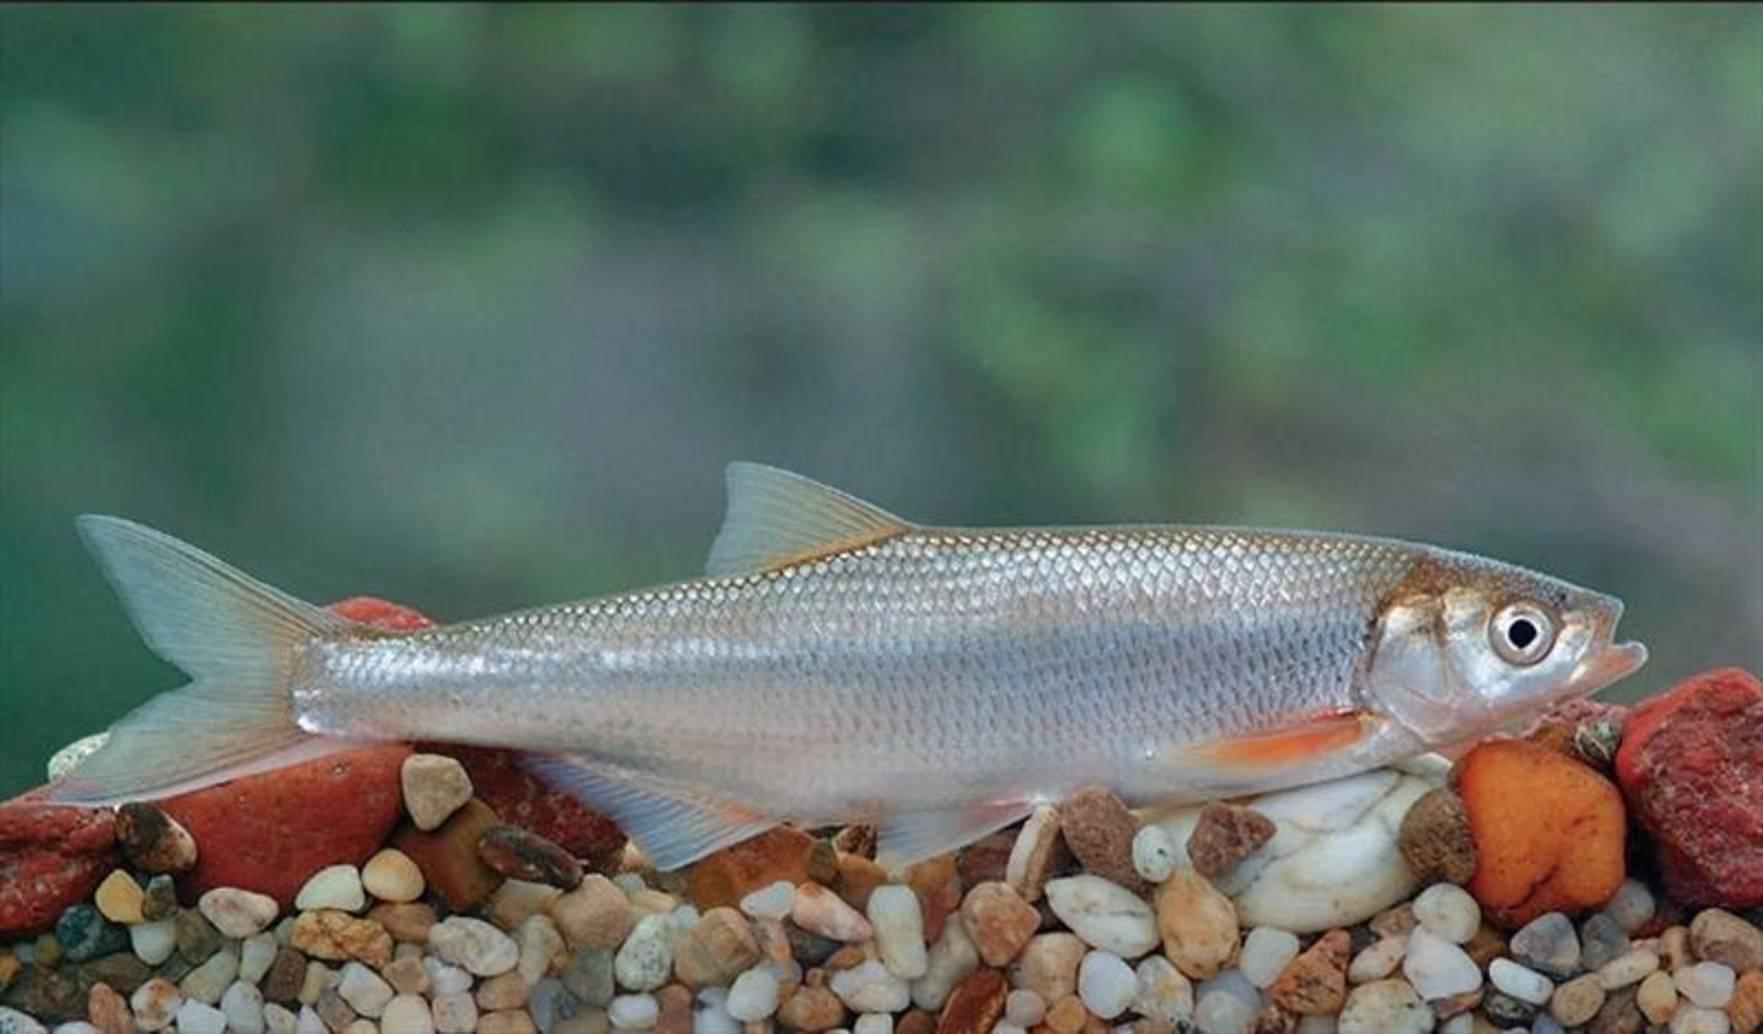 Шемая рыба: описание, чем питается, где водится, образ жизни